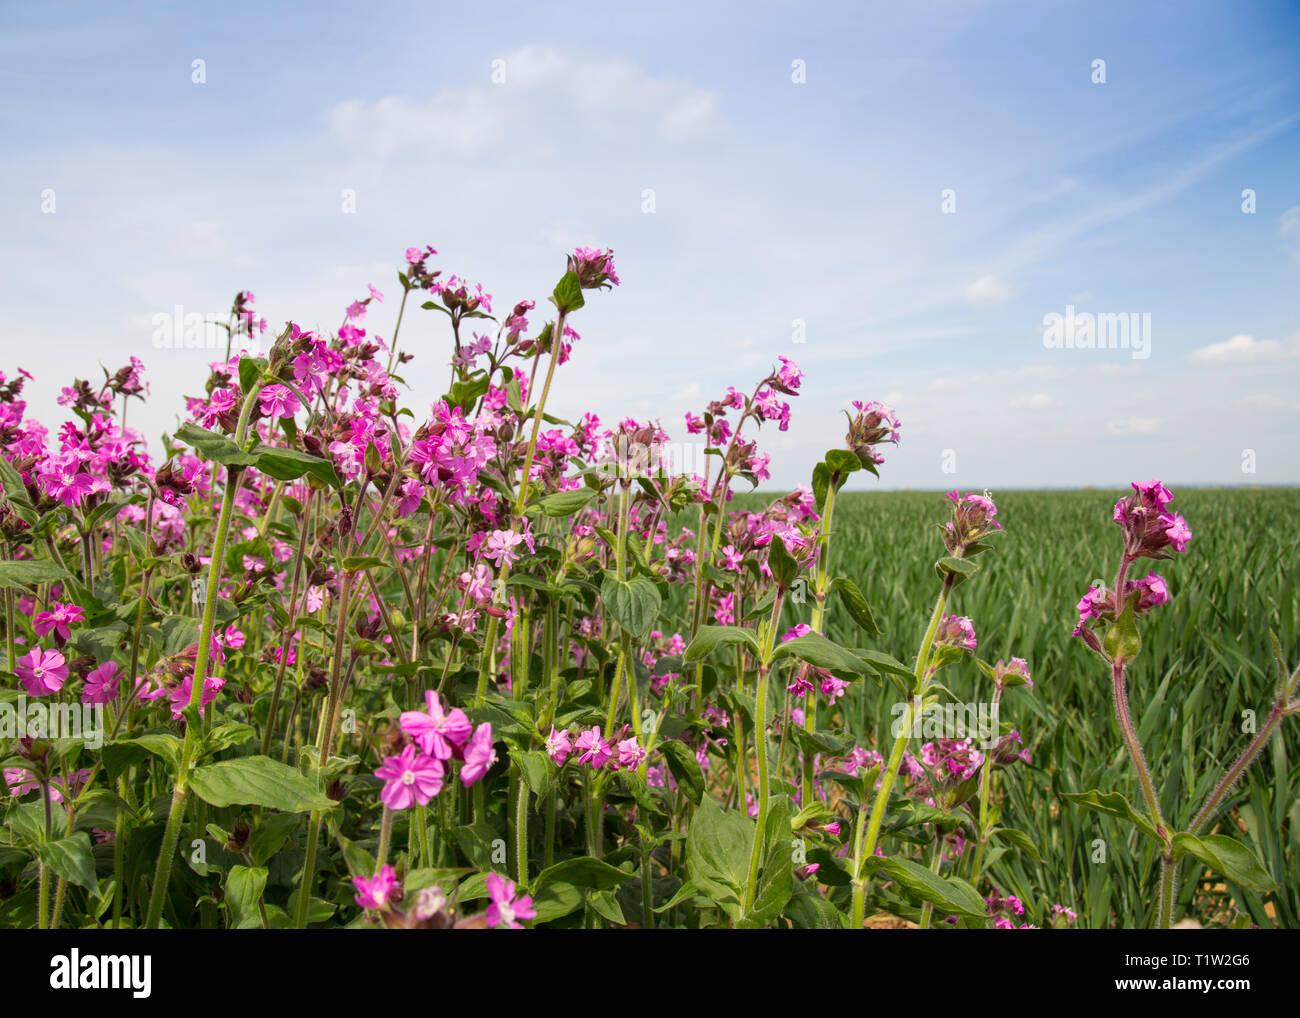 Wildflower Marge neben Weizen South West England Stockbild